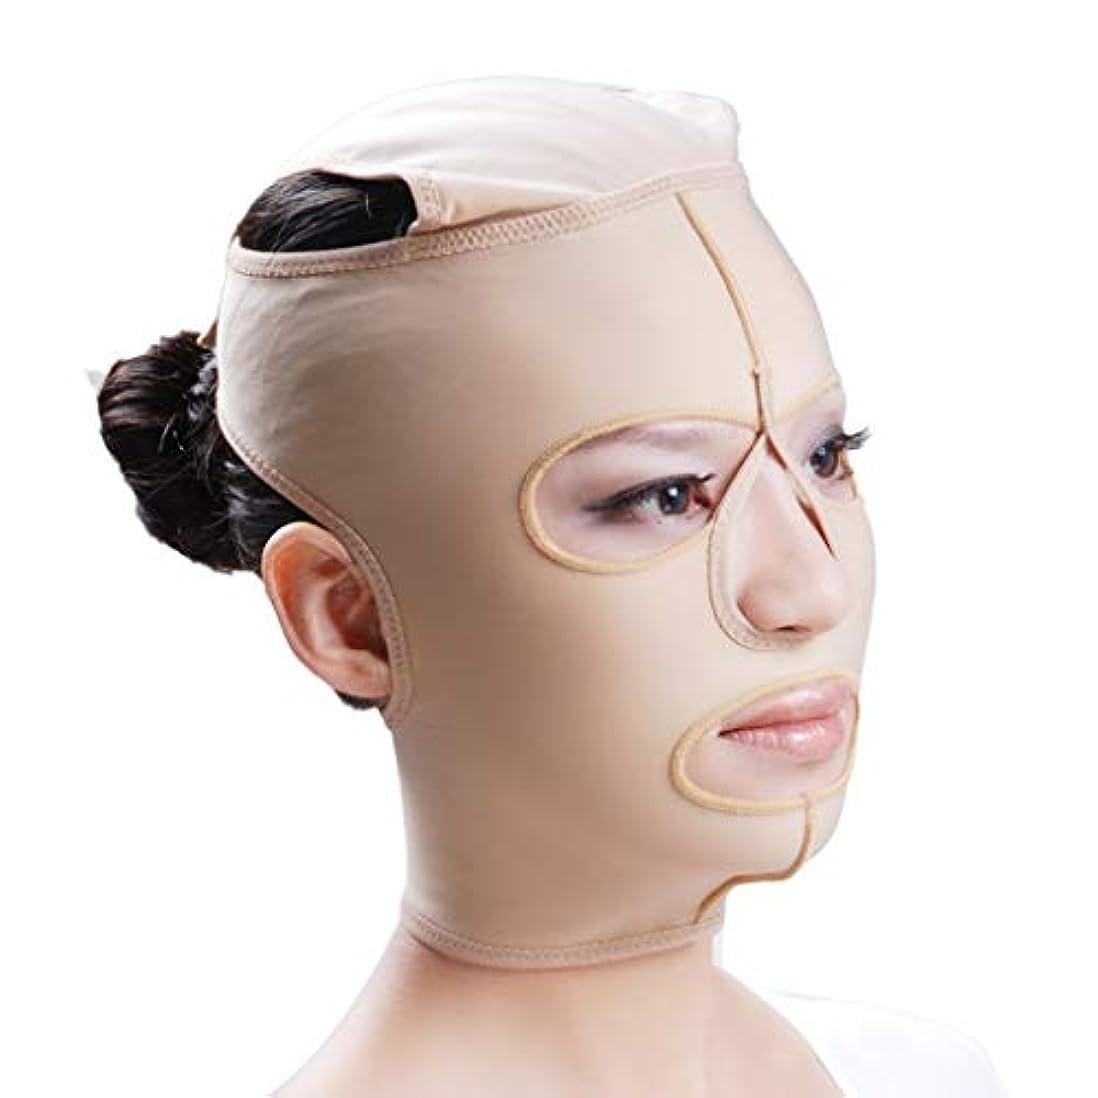 責める確立します外側フェイスリフトマスク、フルフェイスマスク後の顔の脂肪吸引医療グレードの圧力顔ダブルチンプラスチック脂肪吸引弾性包帯ヘッドギアマルチコードオプション (Size : S)